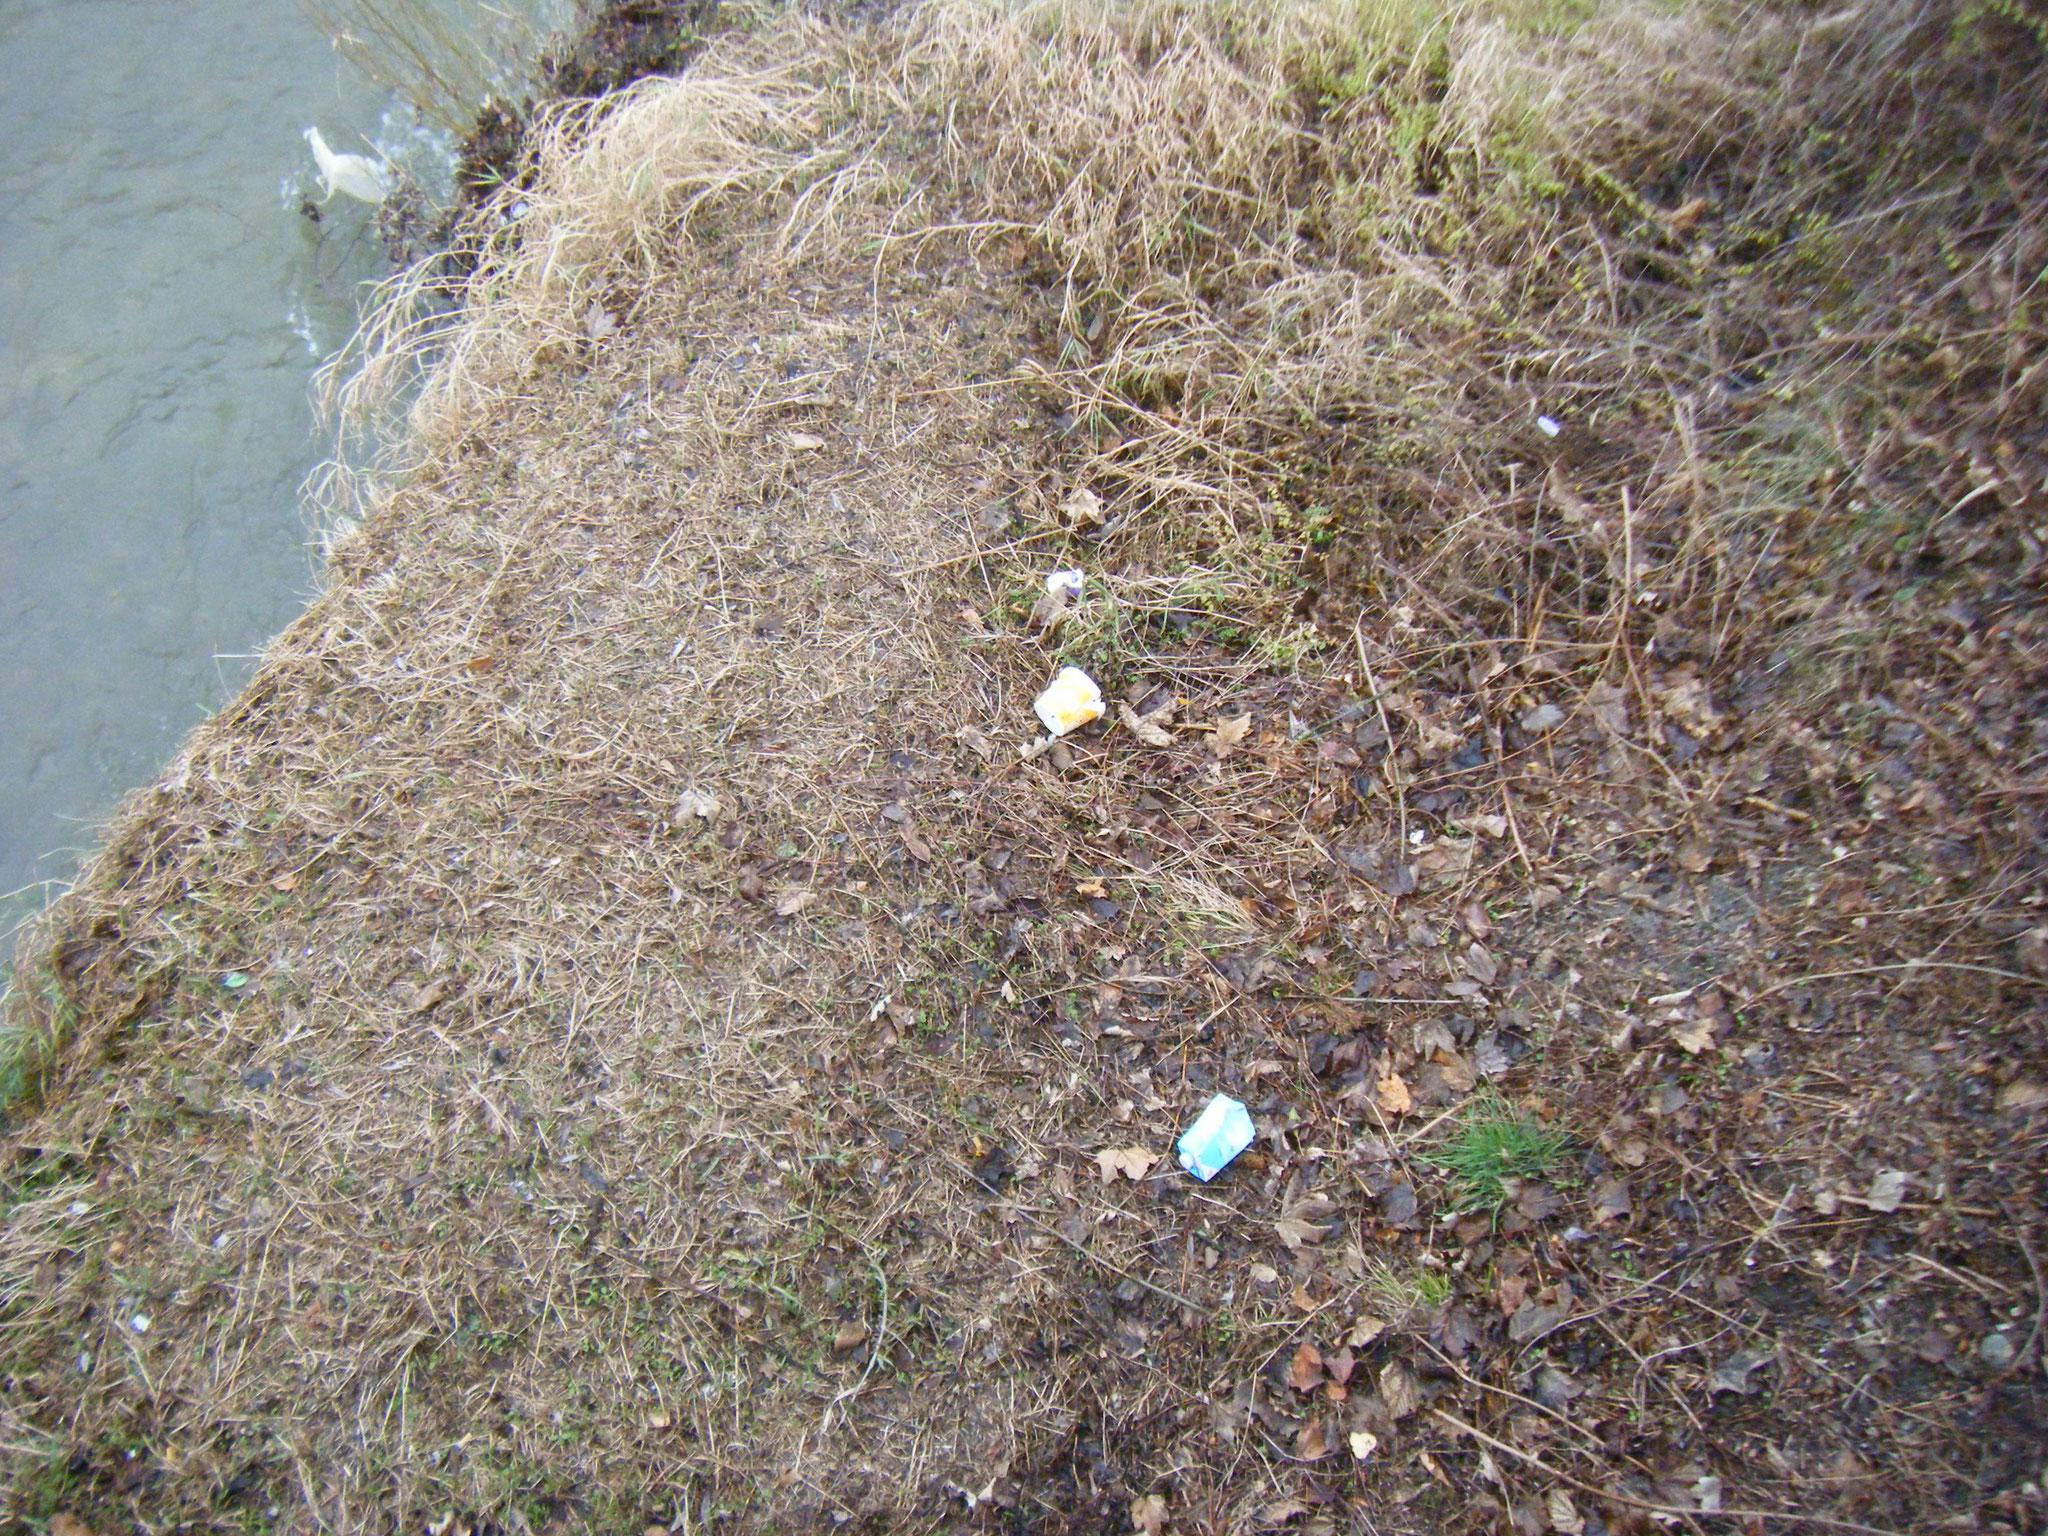 Blick von der Brücke Flugplatzstraße auf die Rotachböschung: mindestens 20 Plastik-Verpackungen